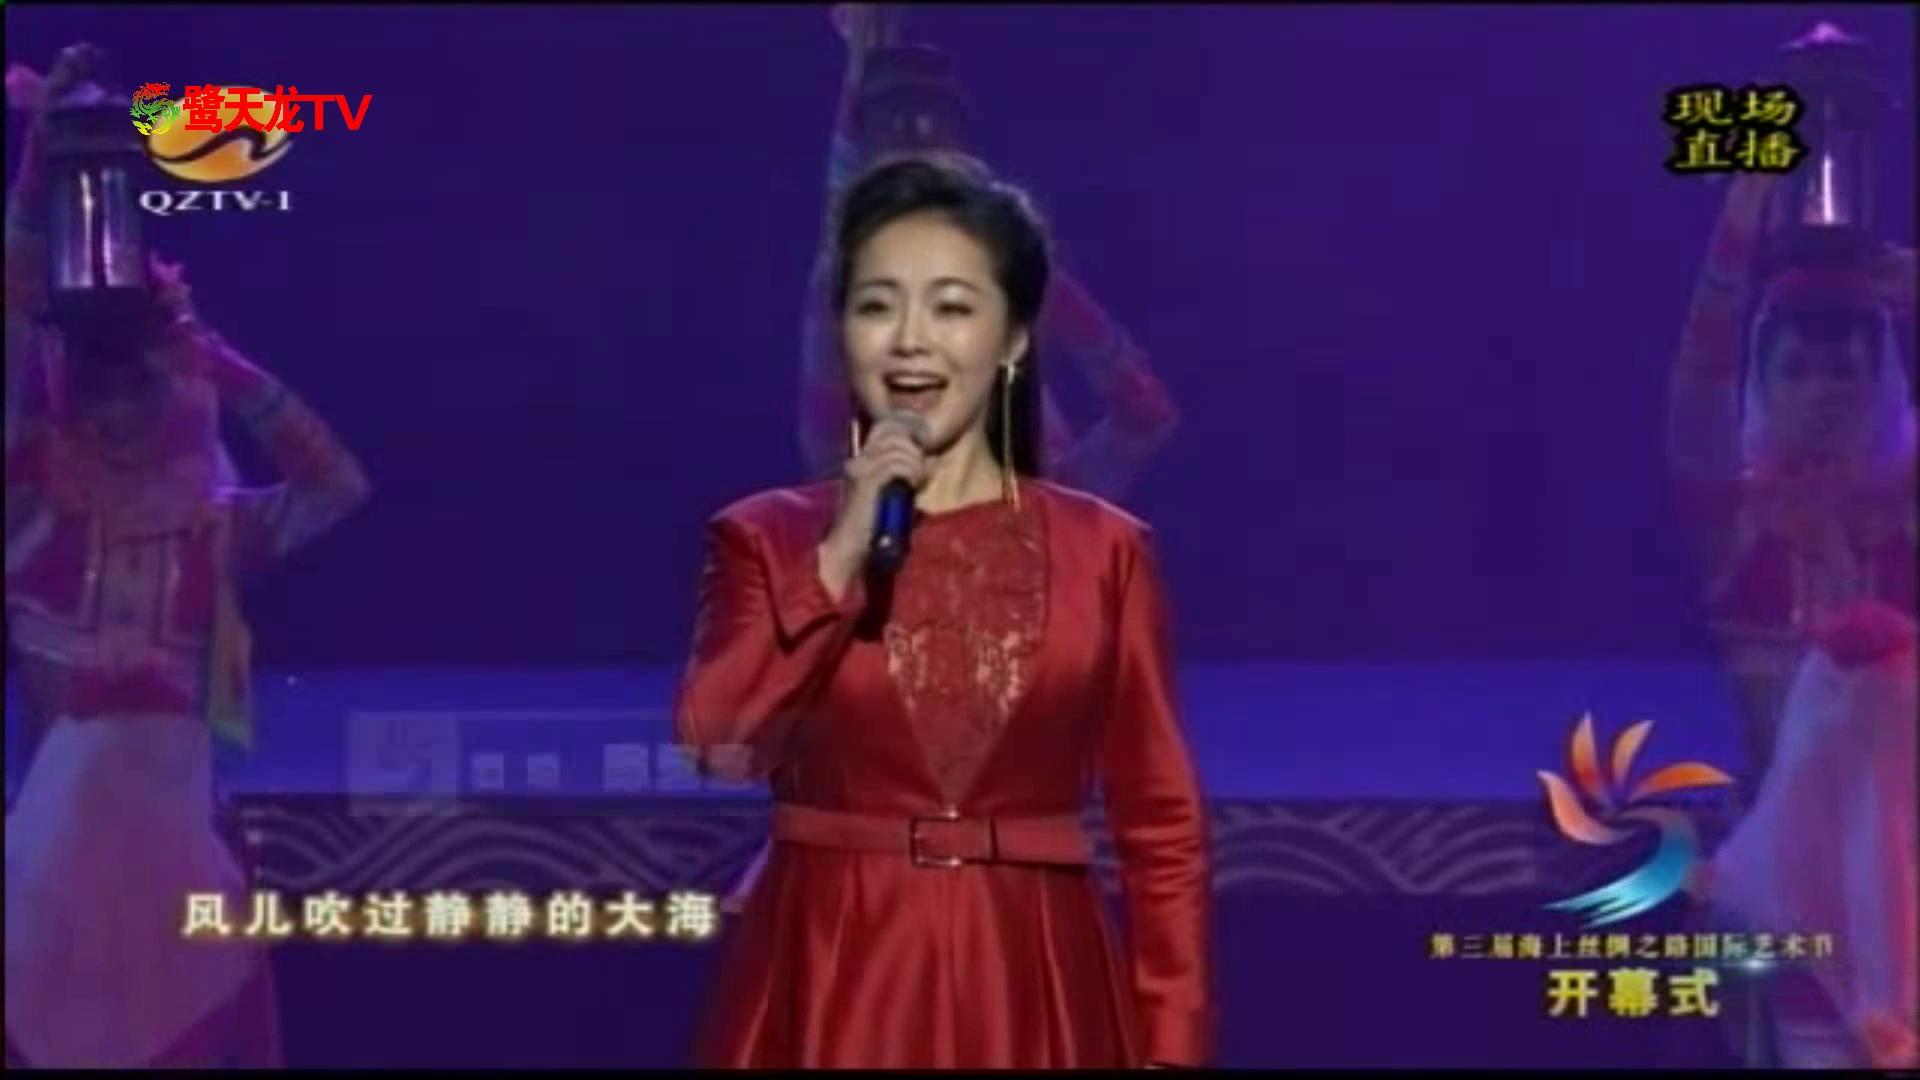 第三届海上丝绸之路国际艺术节开幕式晚会-歌舞《海上花》